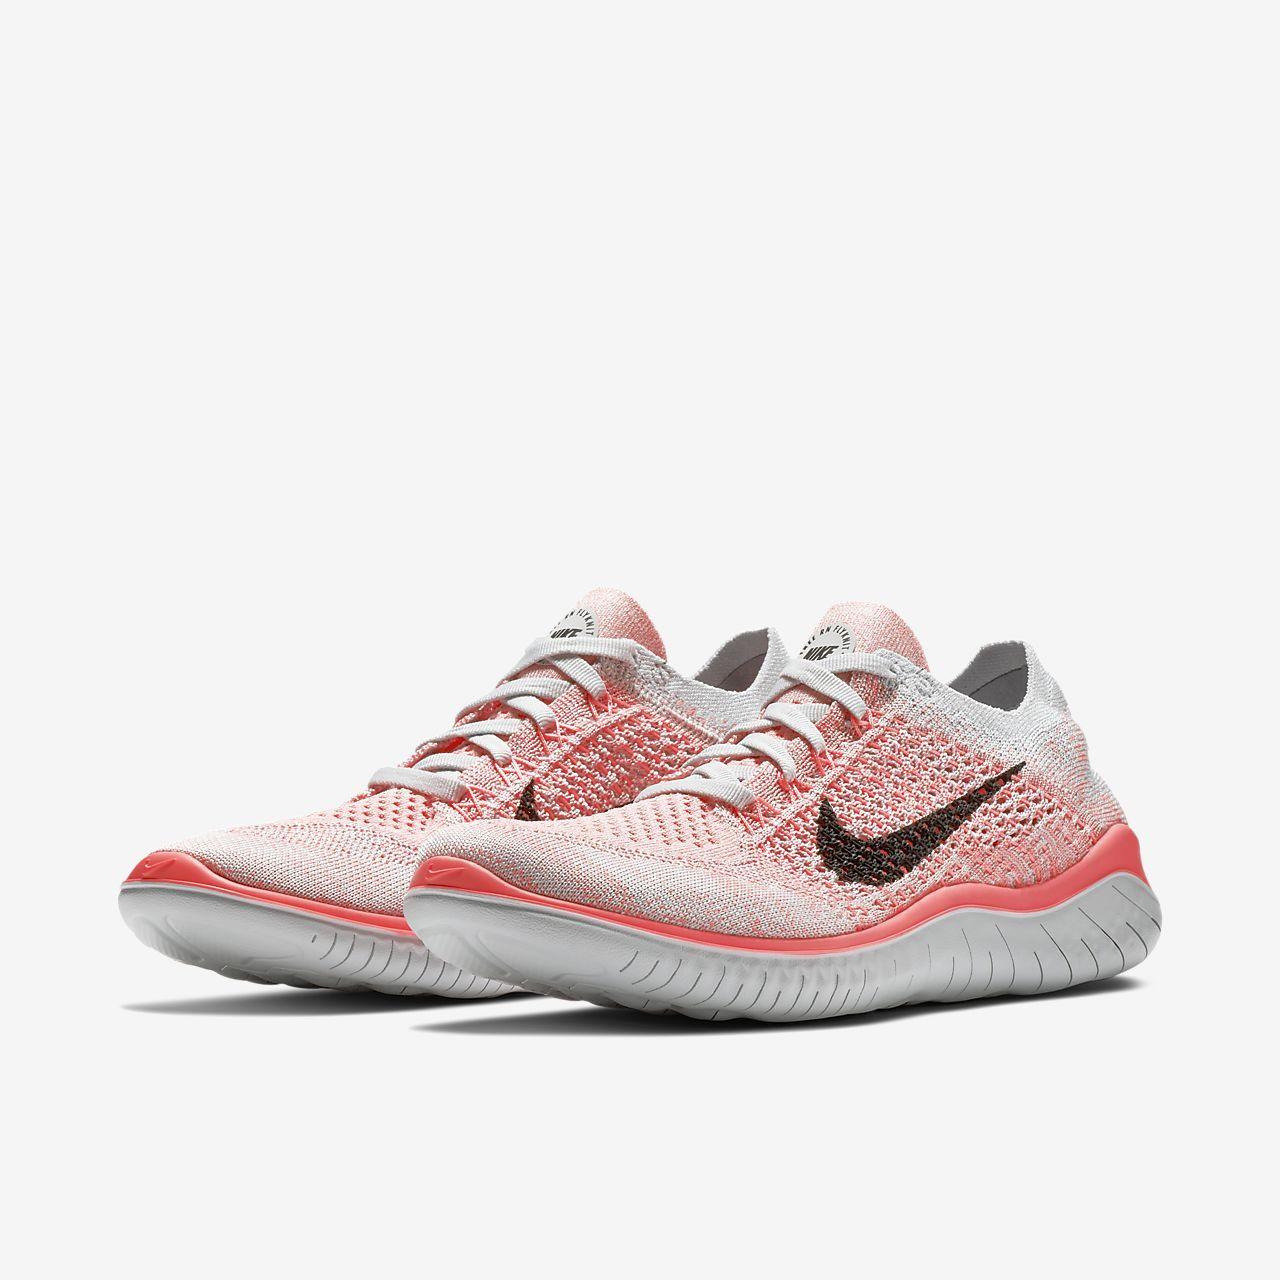 5b9d2e5cdc7c8 Nike Free RN Flyknit 2018 Women s Running Shoe